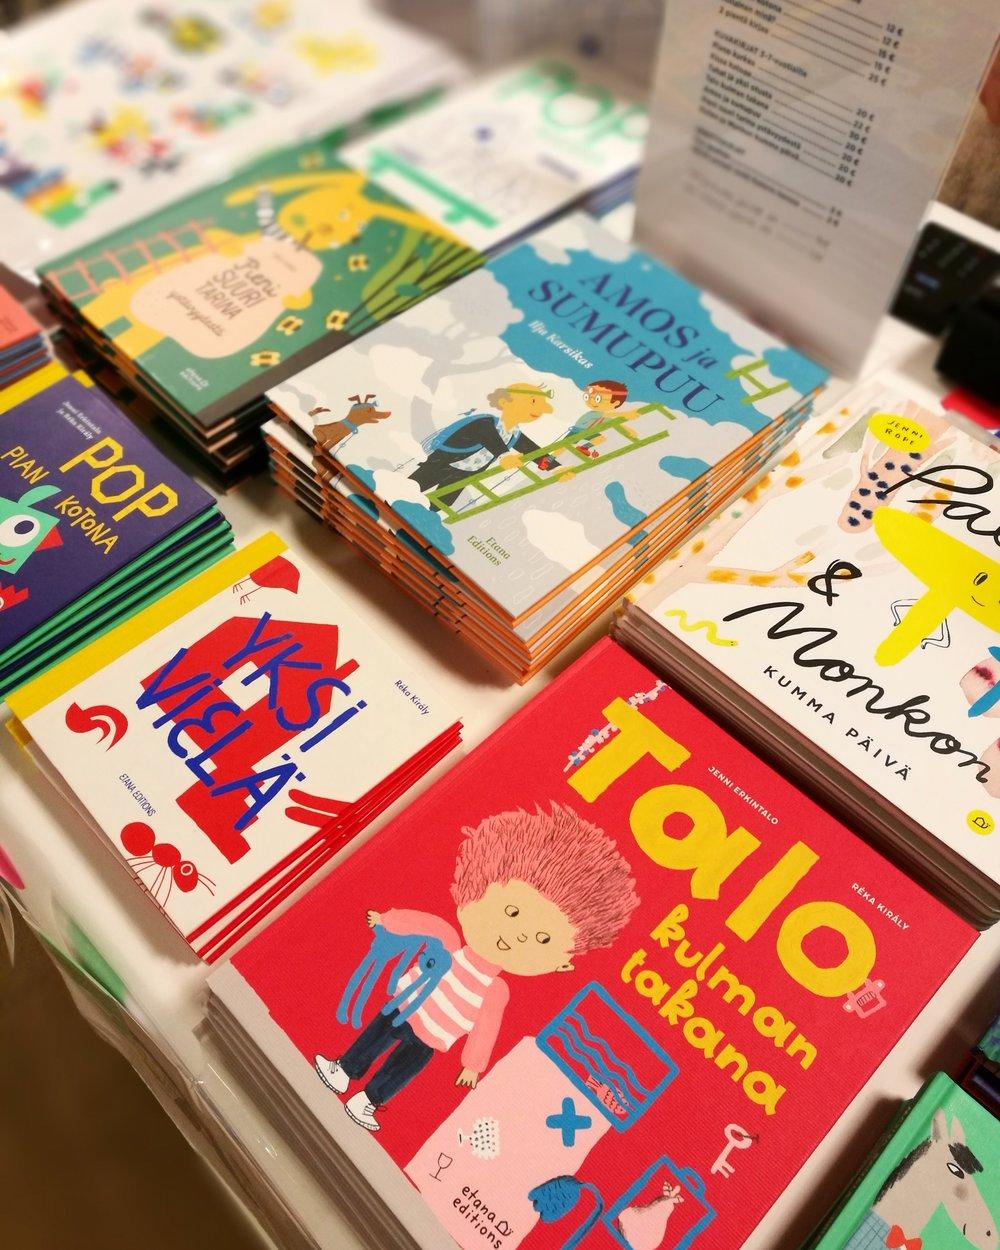 Etana Editionsin lastenkirjoja.